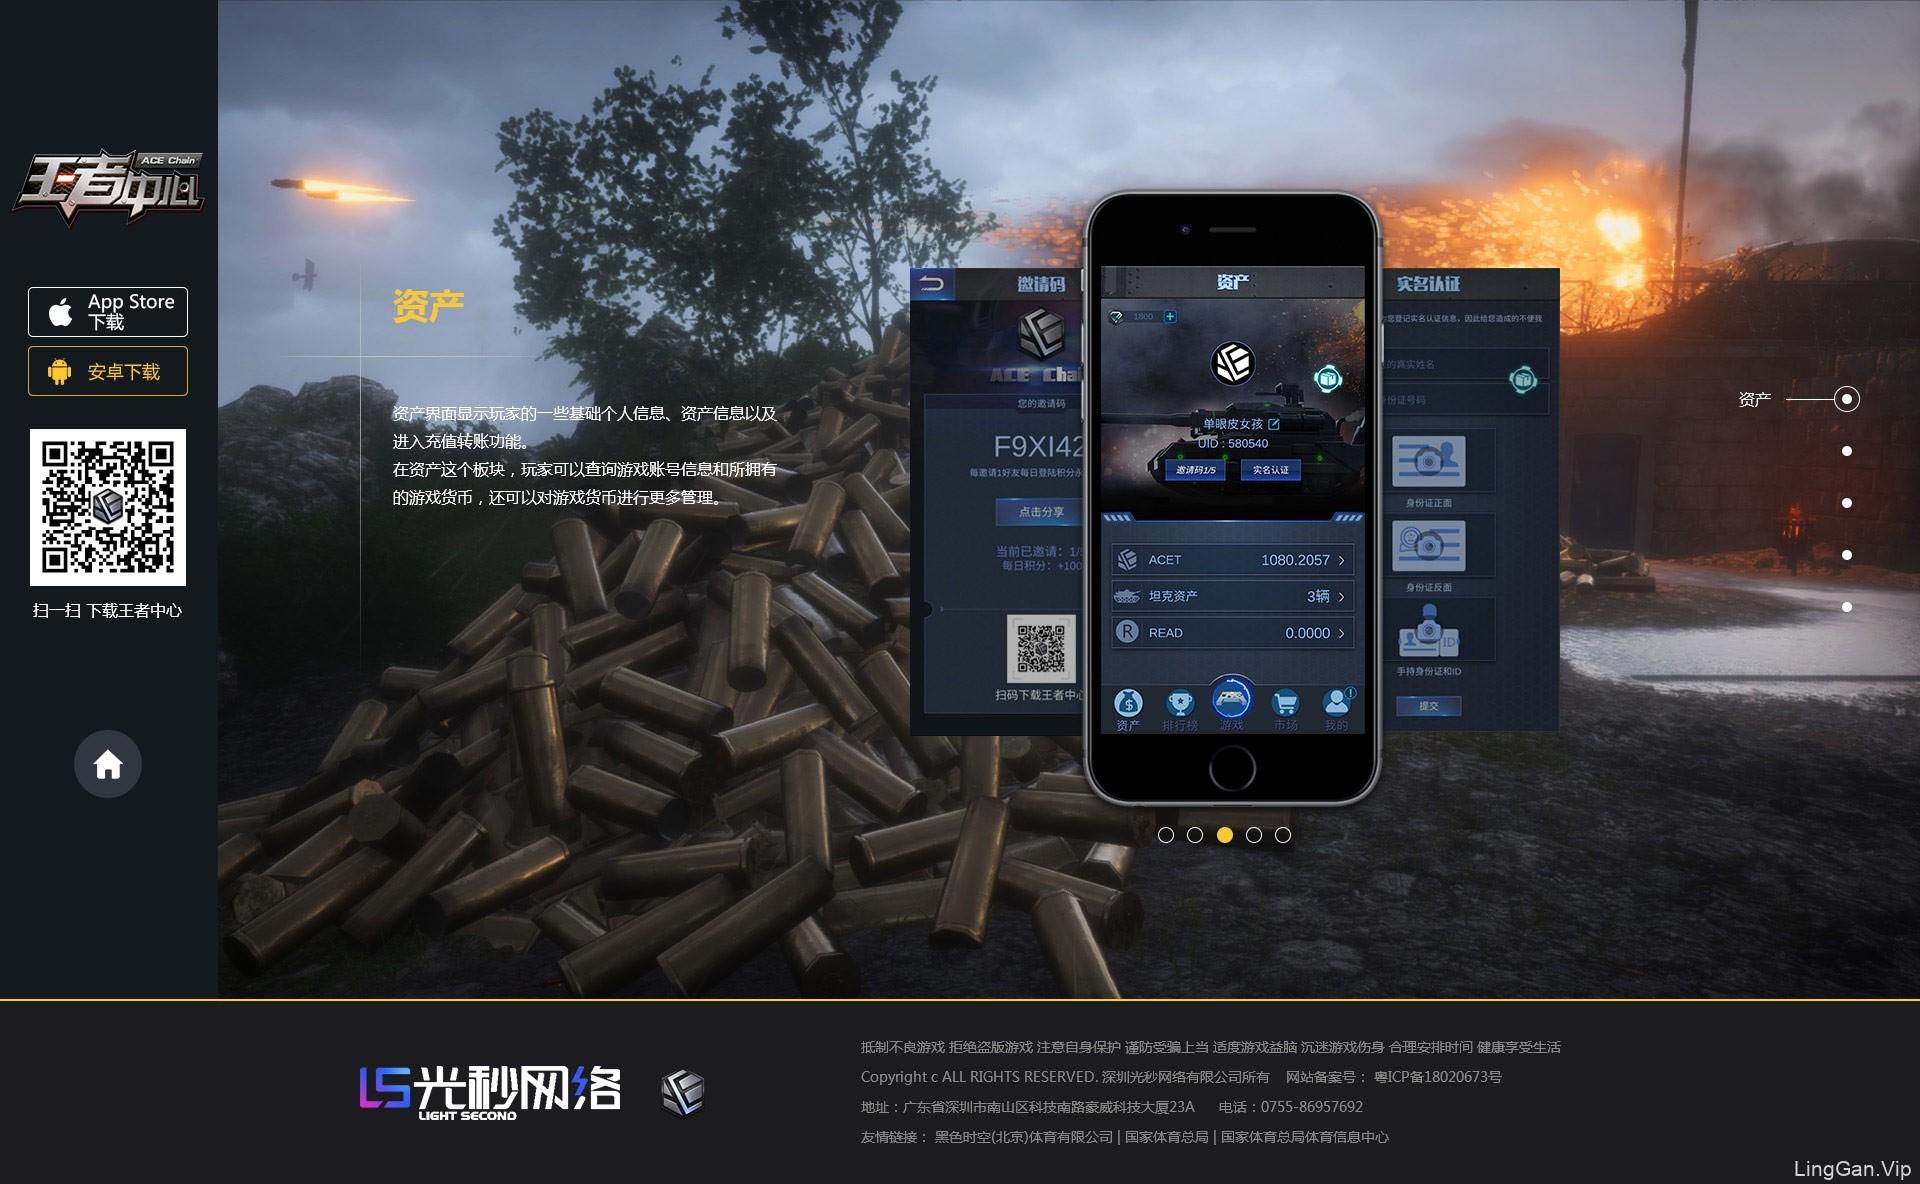 王者战车游戏官网设计